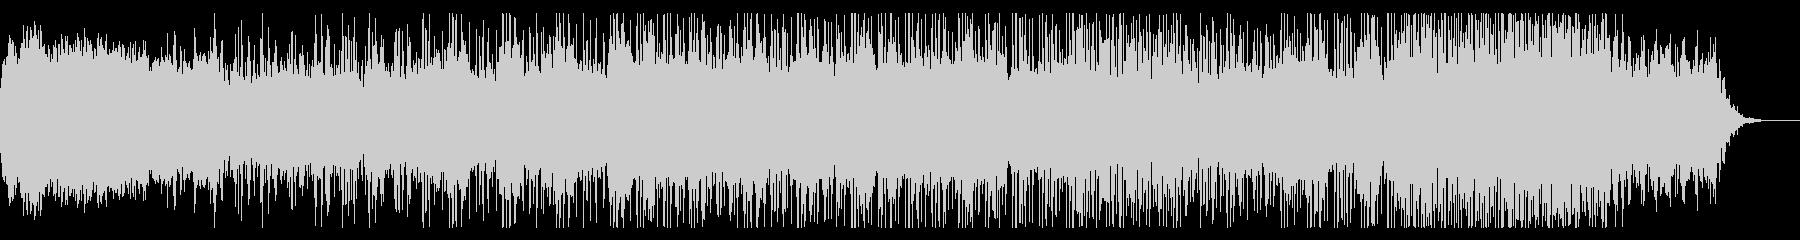 ミステリアスなアンビエントIDMの未再生の波形